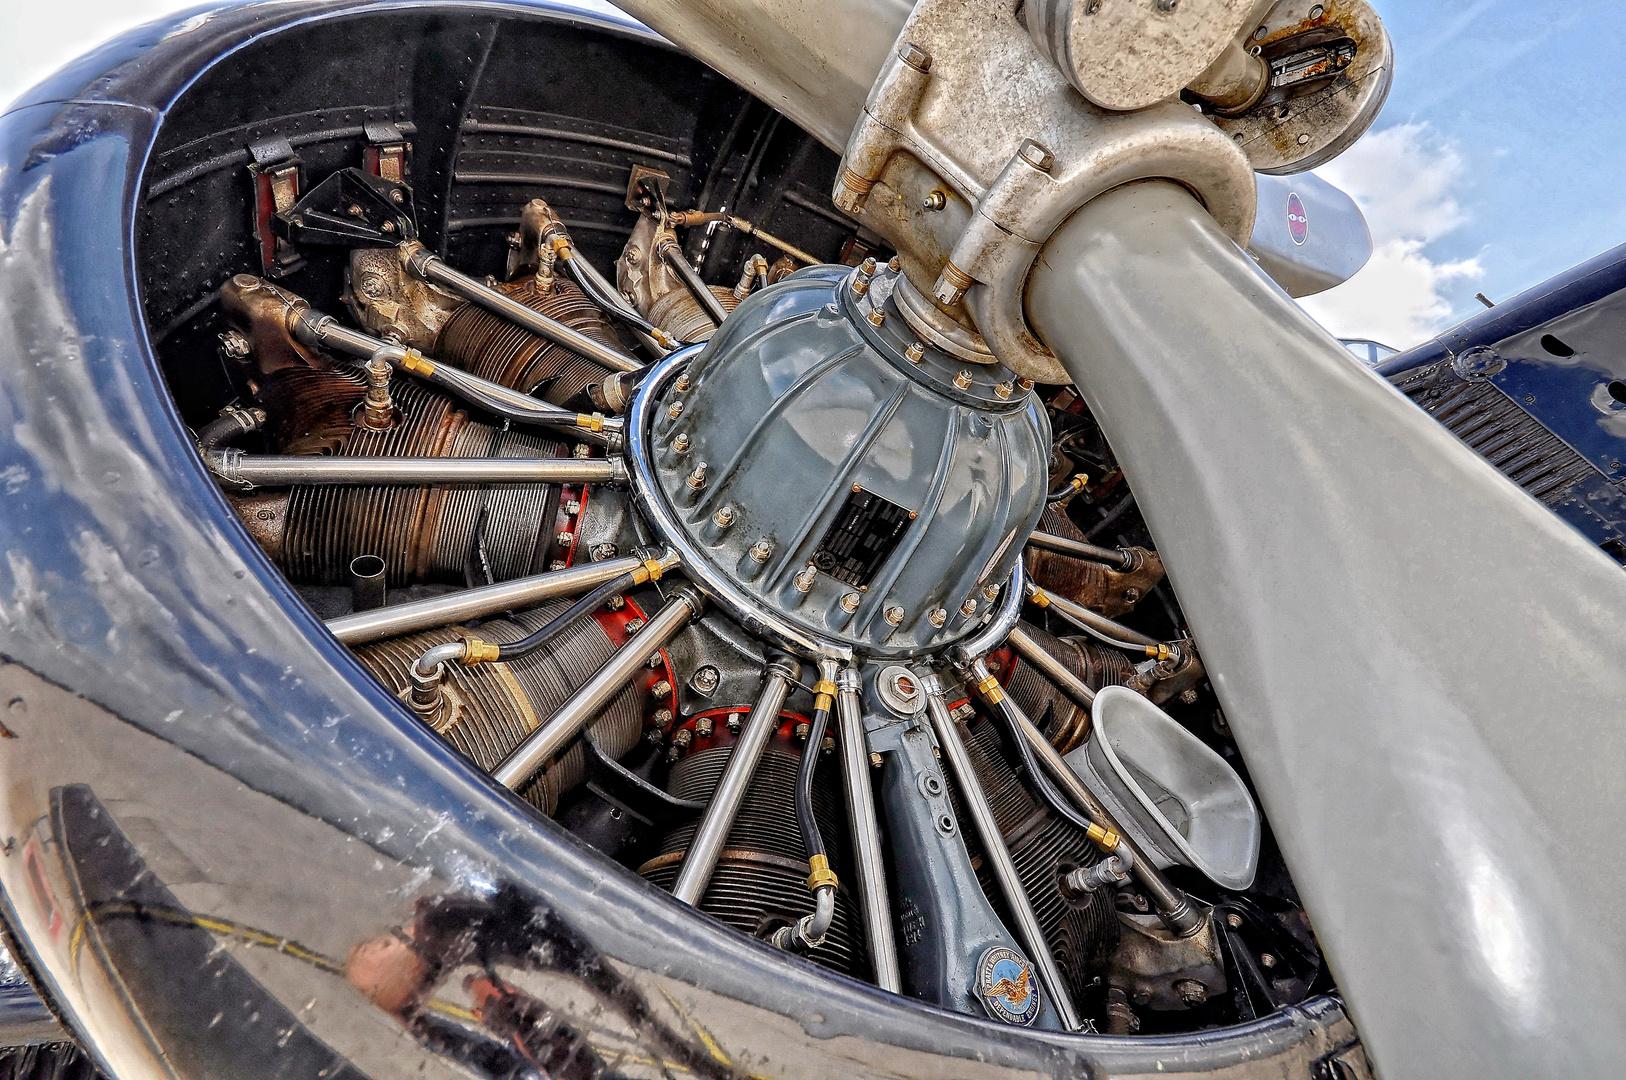 Einer der 3 Motoren mit je 24 l Hubraum